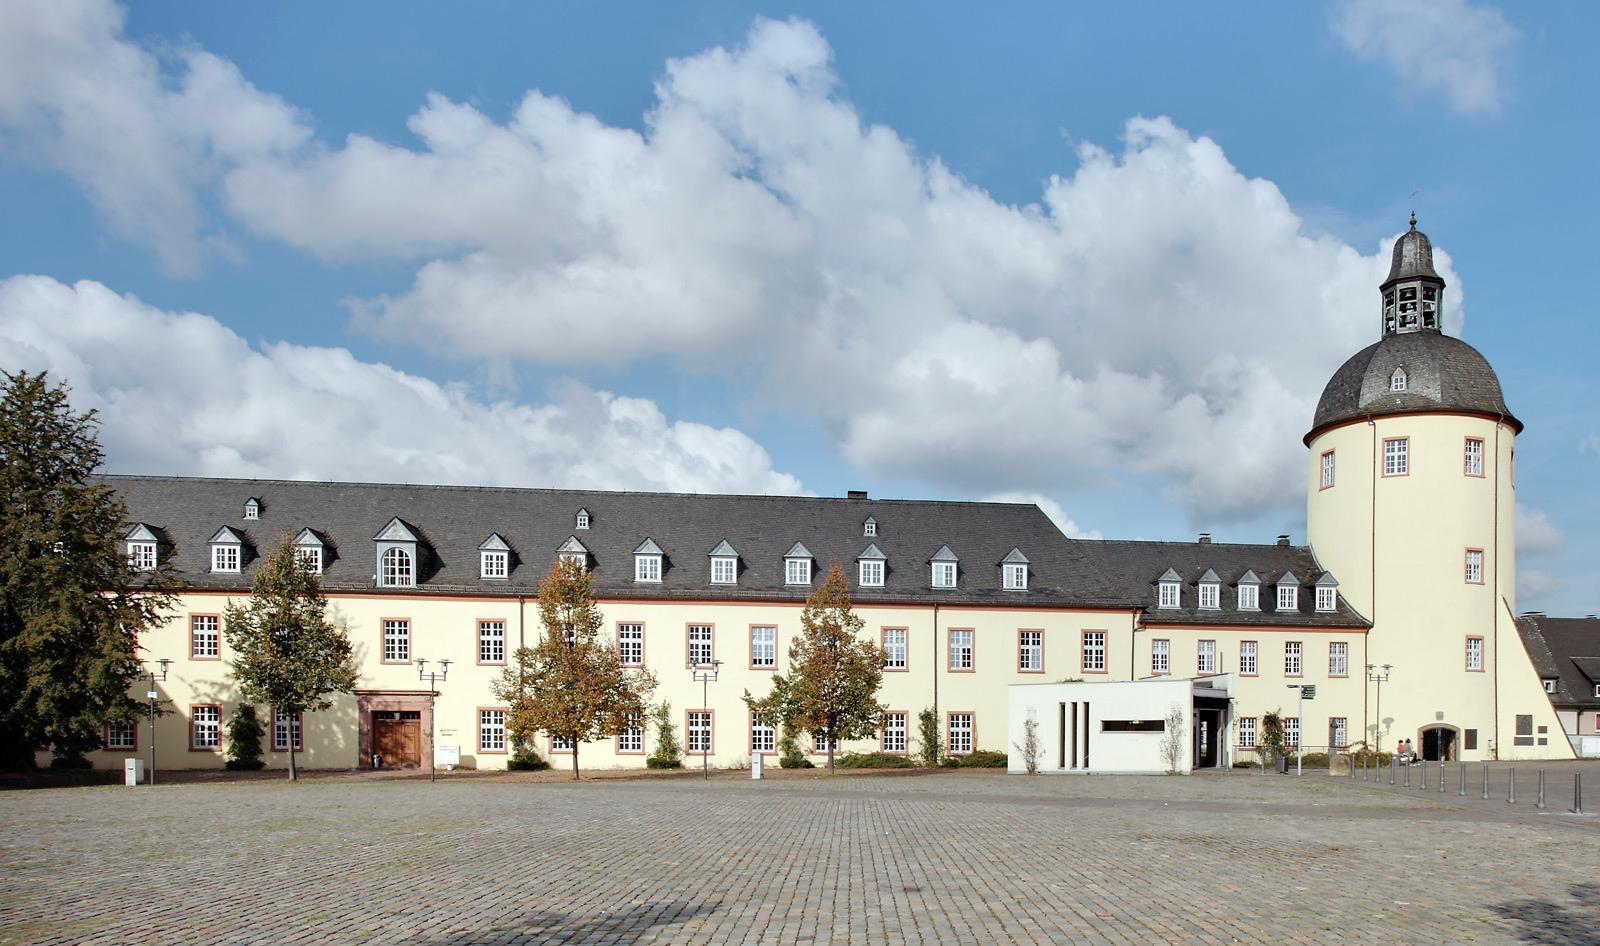 Unteres schloss siegen siegen architektur baukunst nrw - Architektur siegen ...